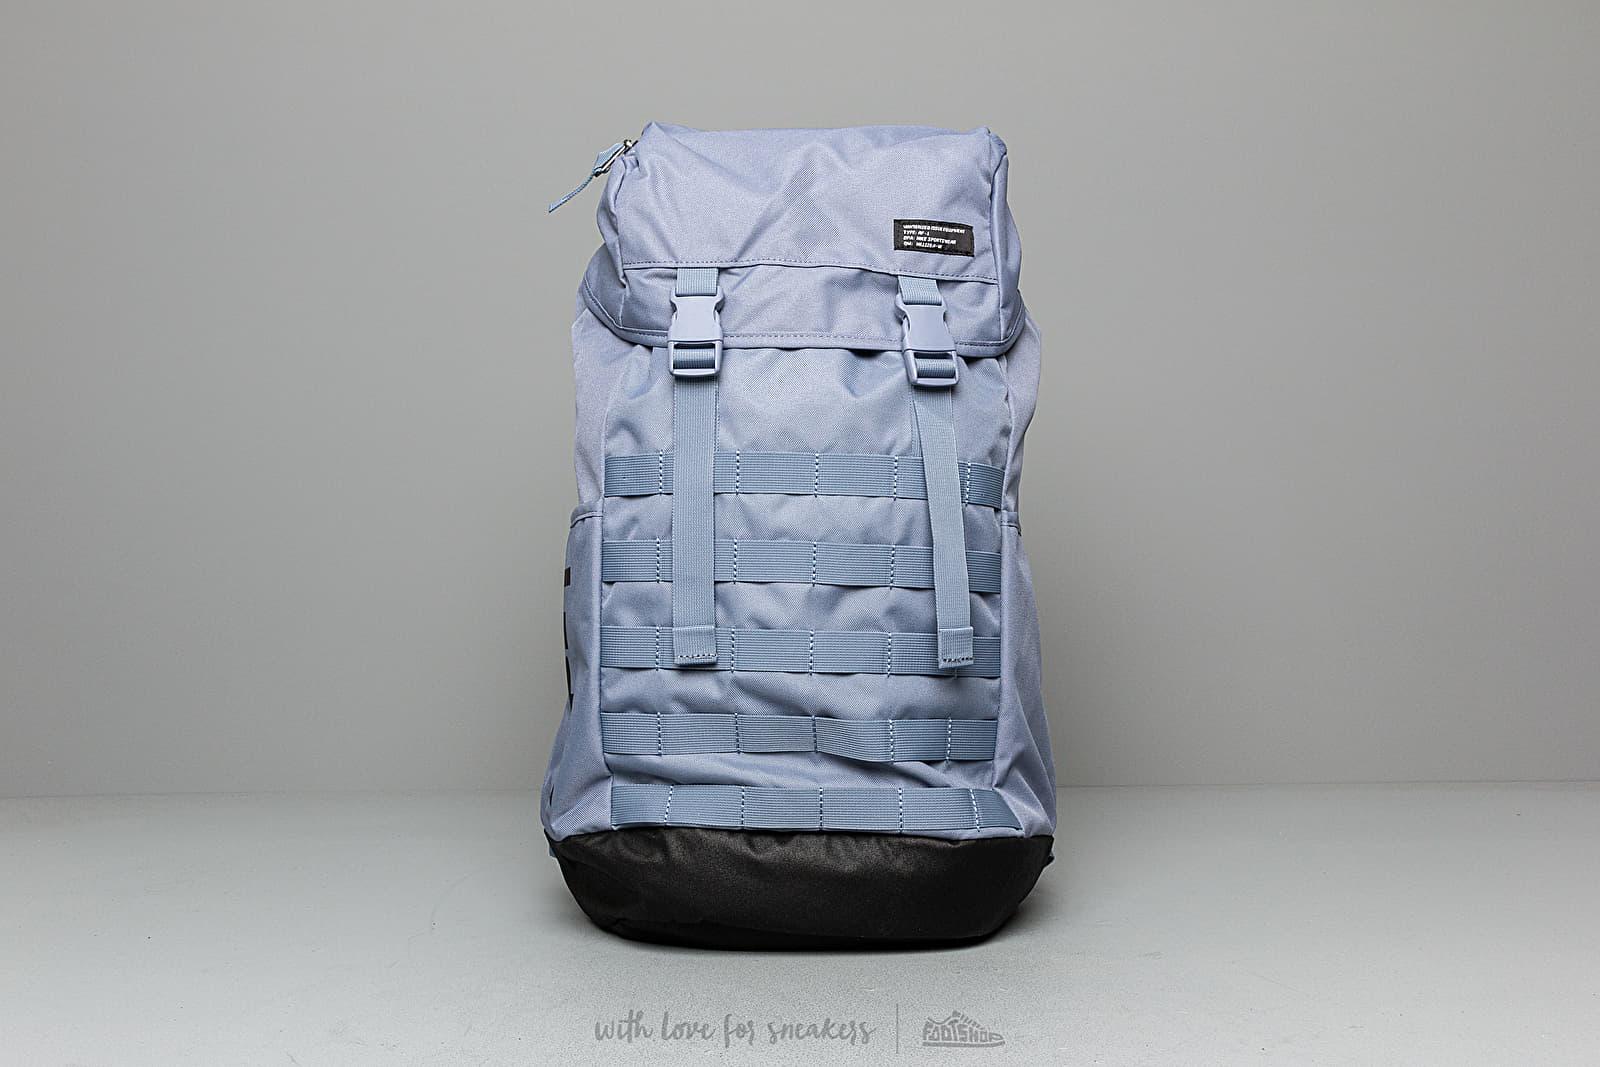 Nike Air Force 1 Backpack